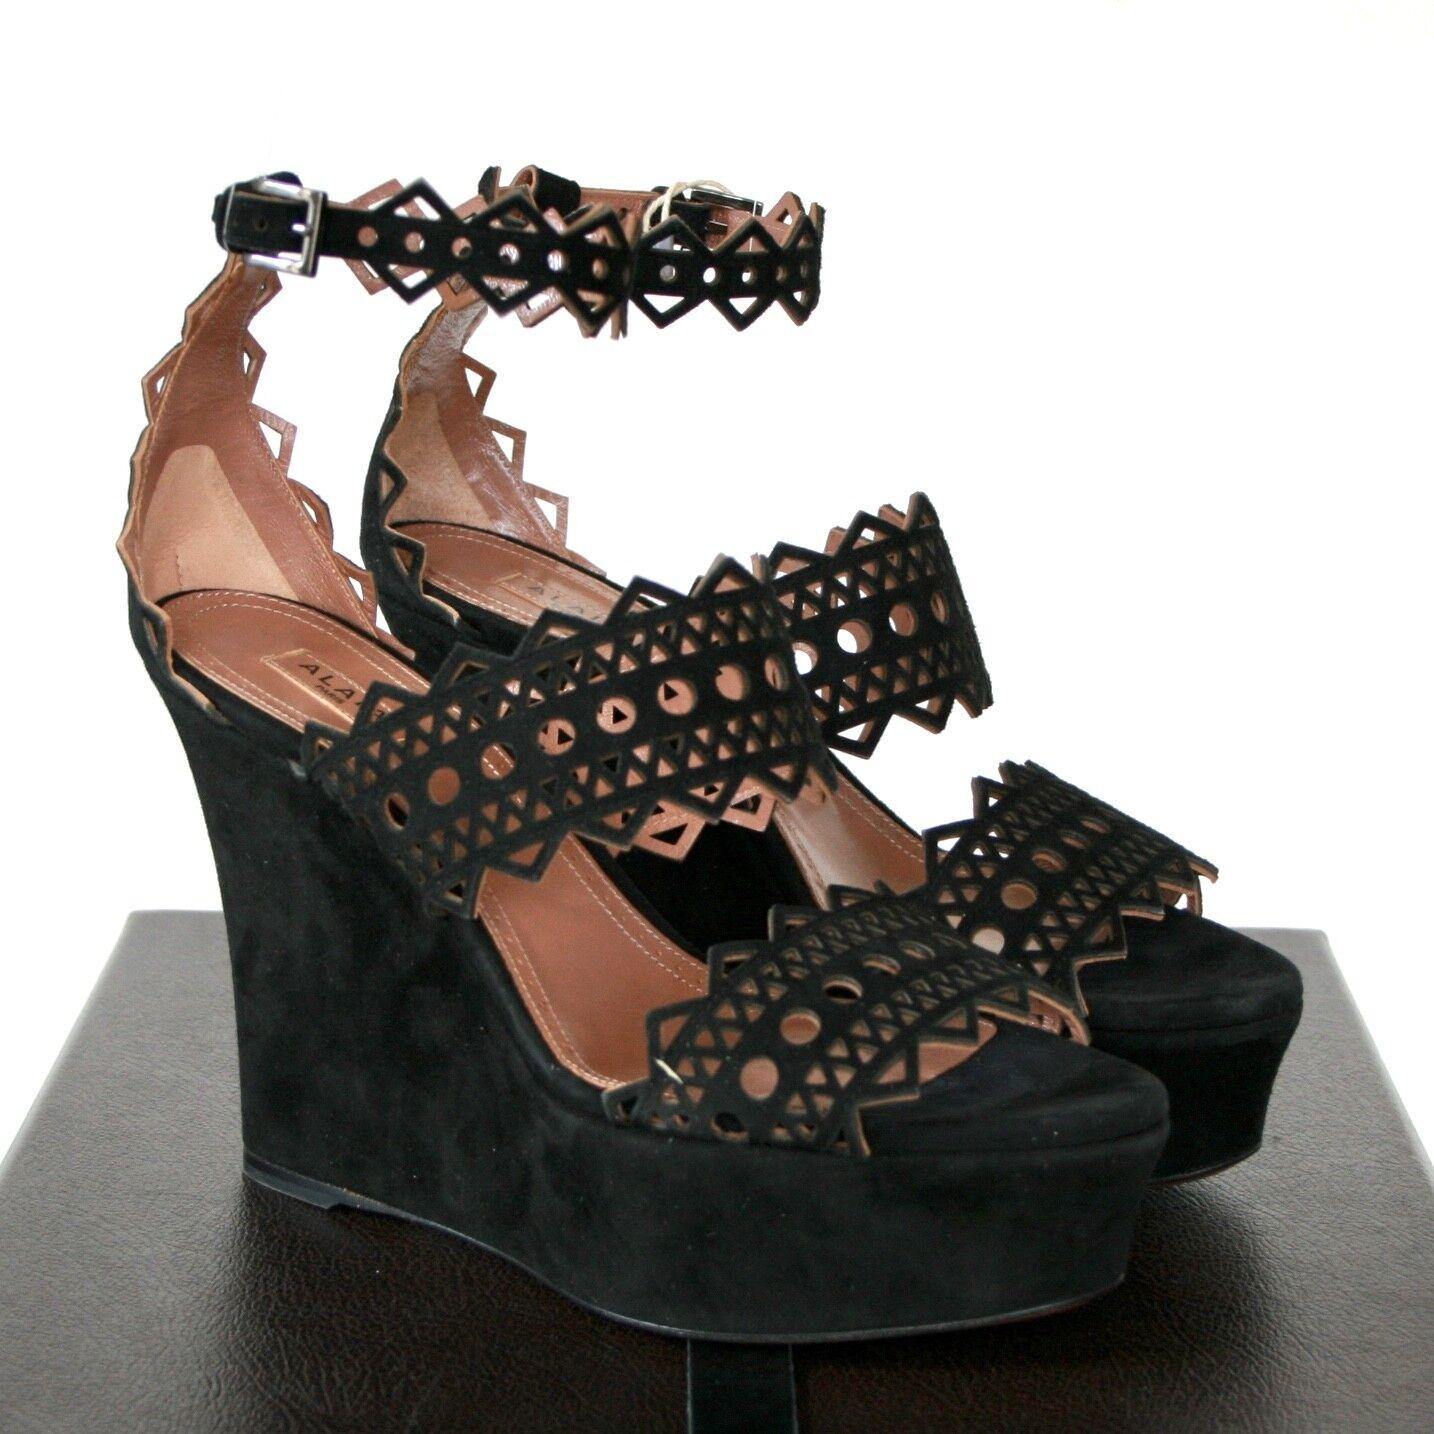 ALAIA  1,560 cutout schwarz suede platform high heel cut out sandal schuhe 37 NEW